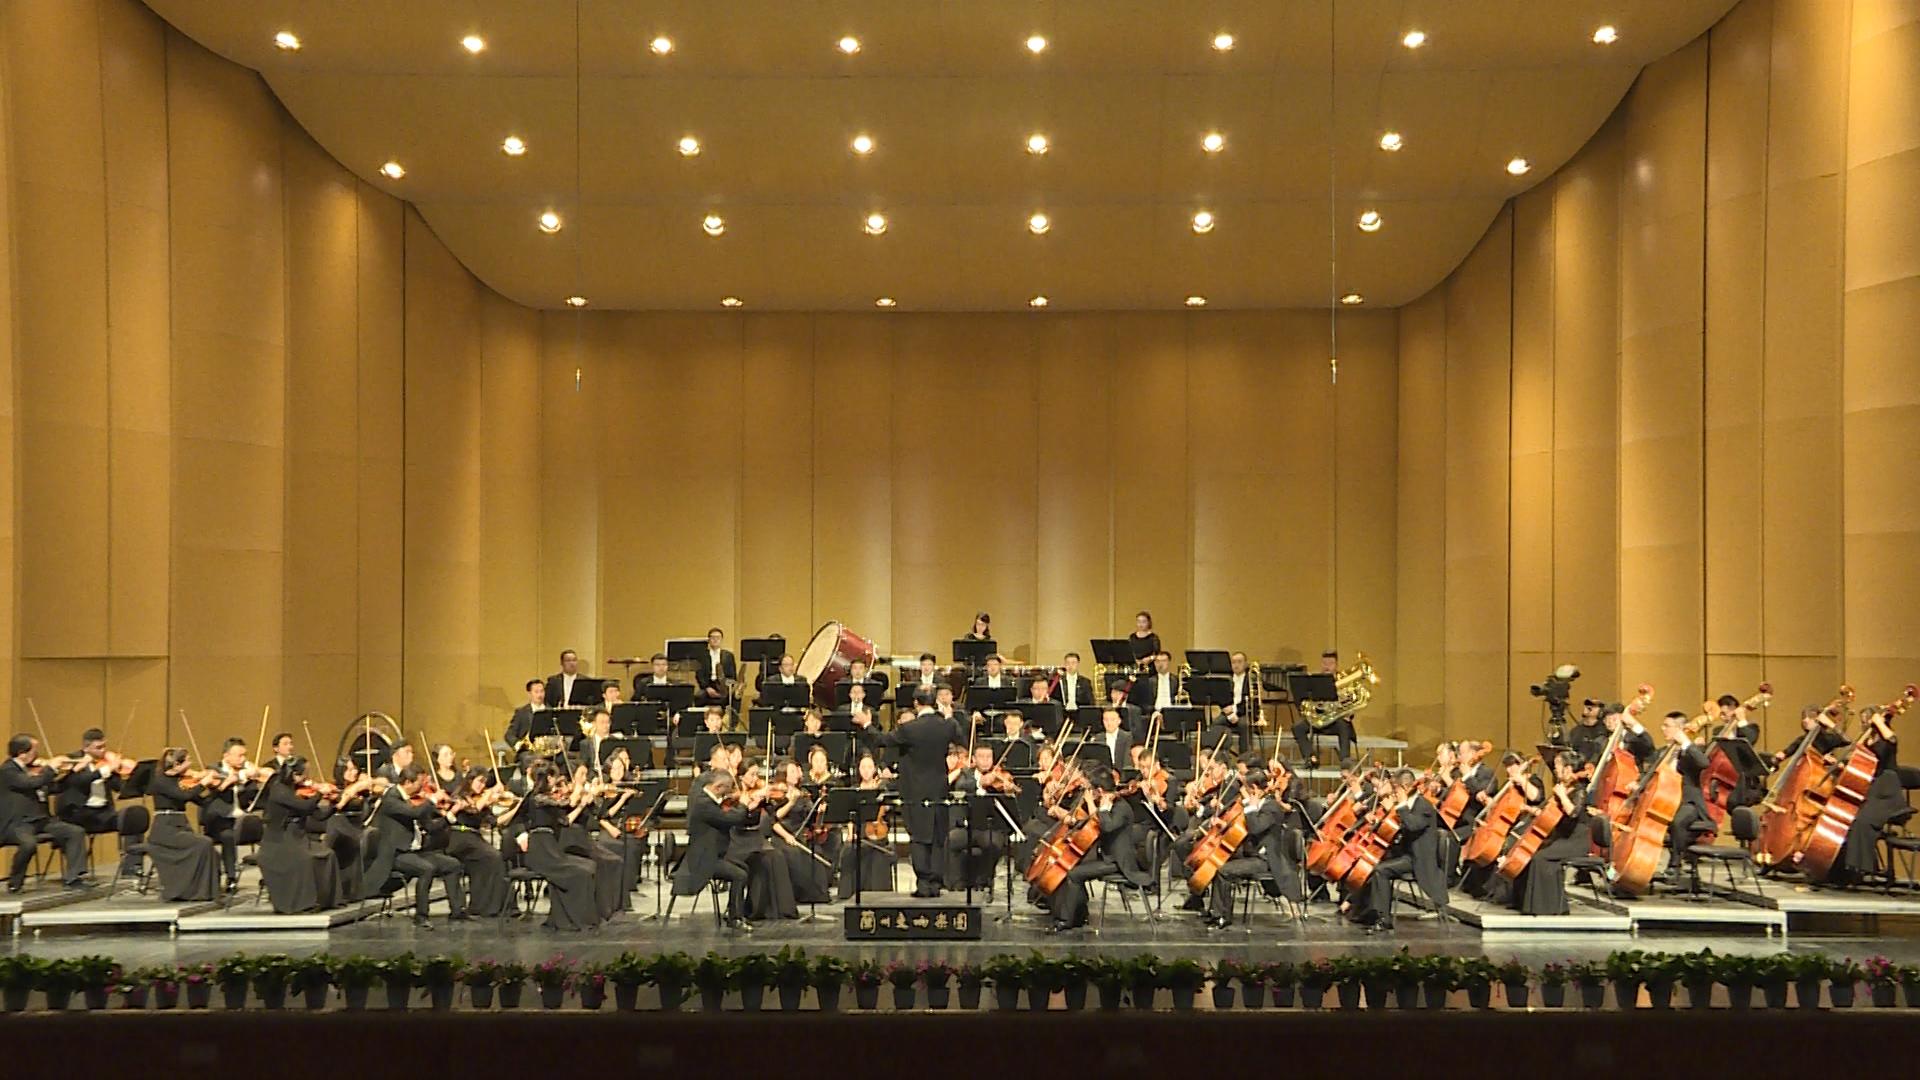 快来围观这场非同凡响的交响乐《斯拉夫进行曲》